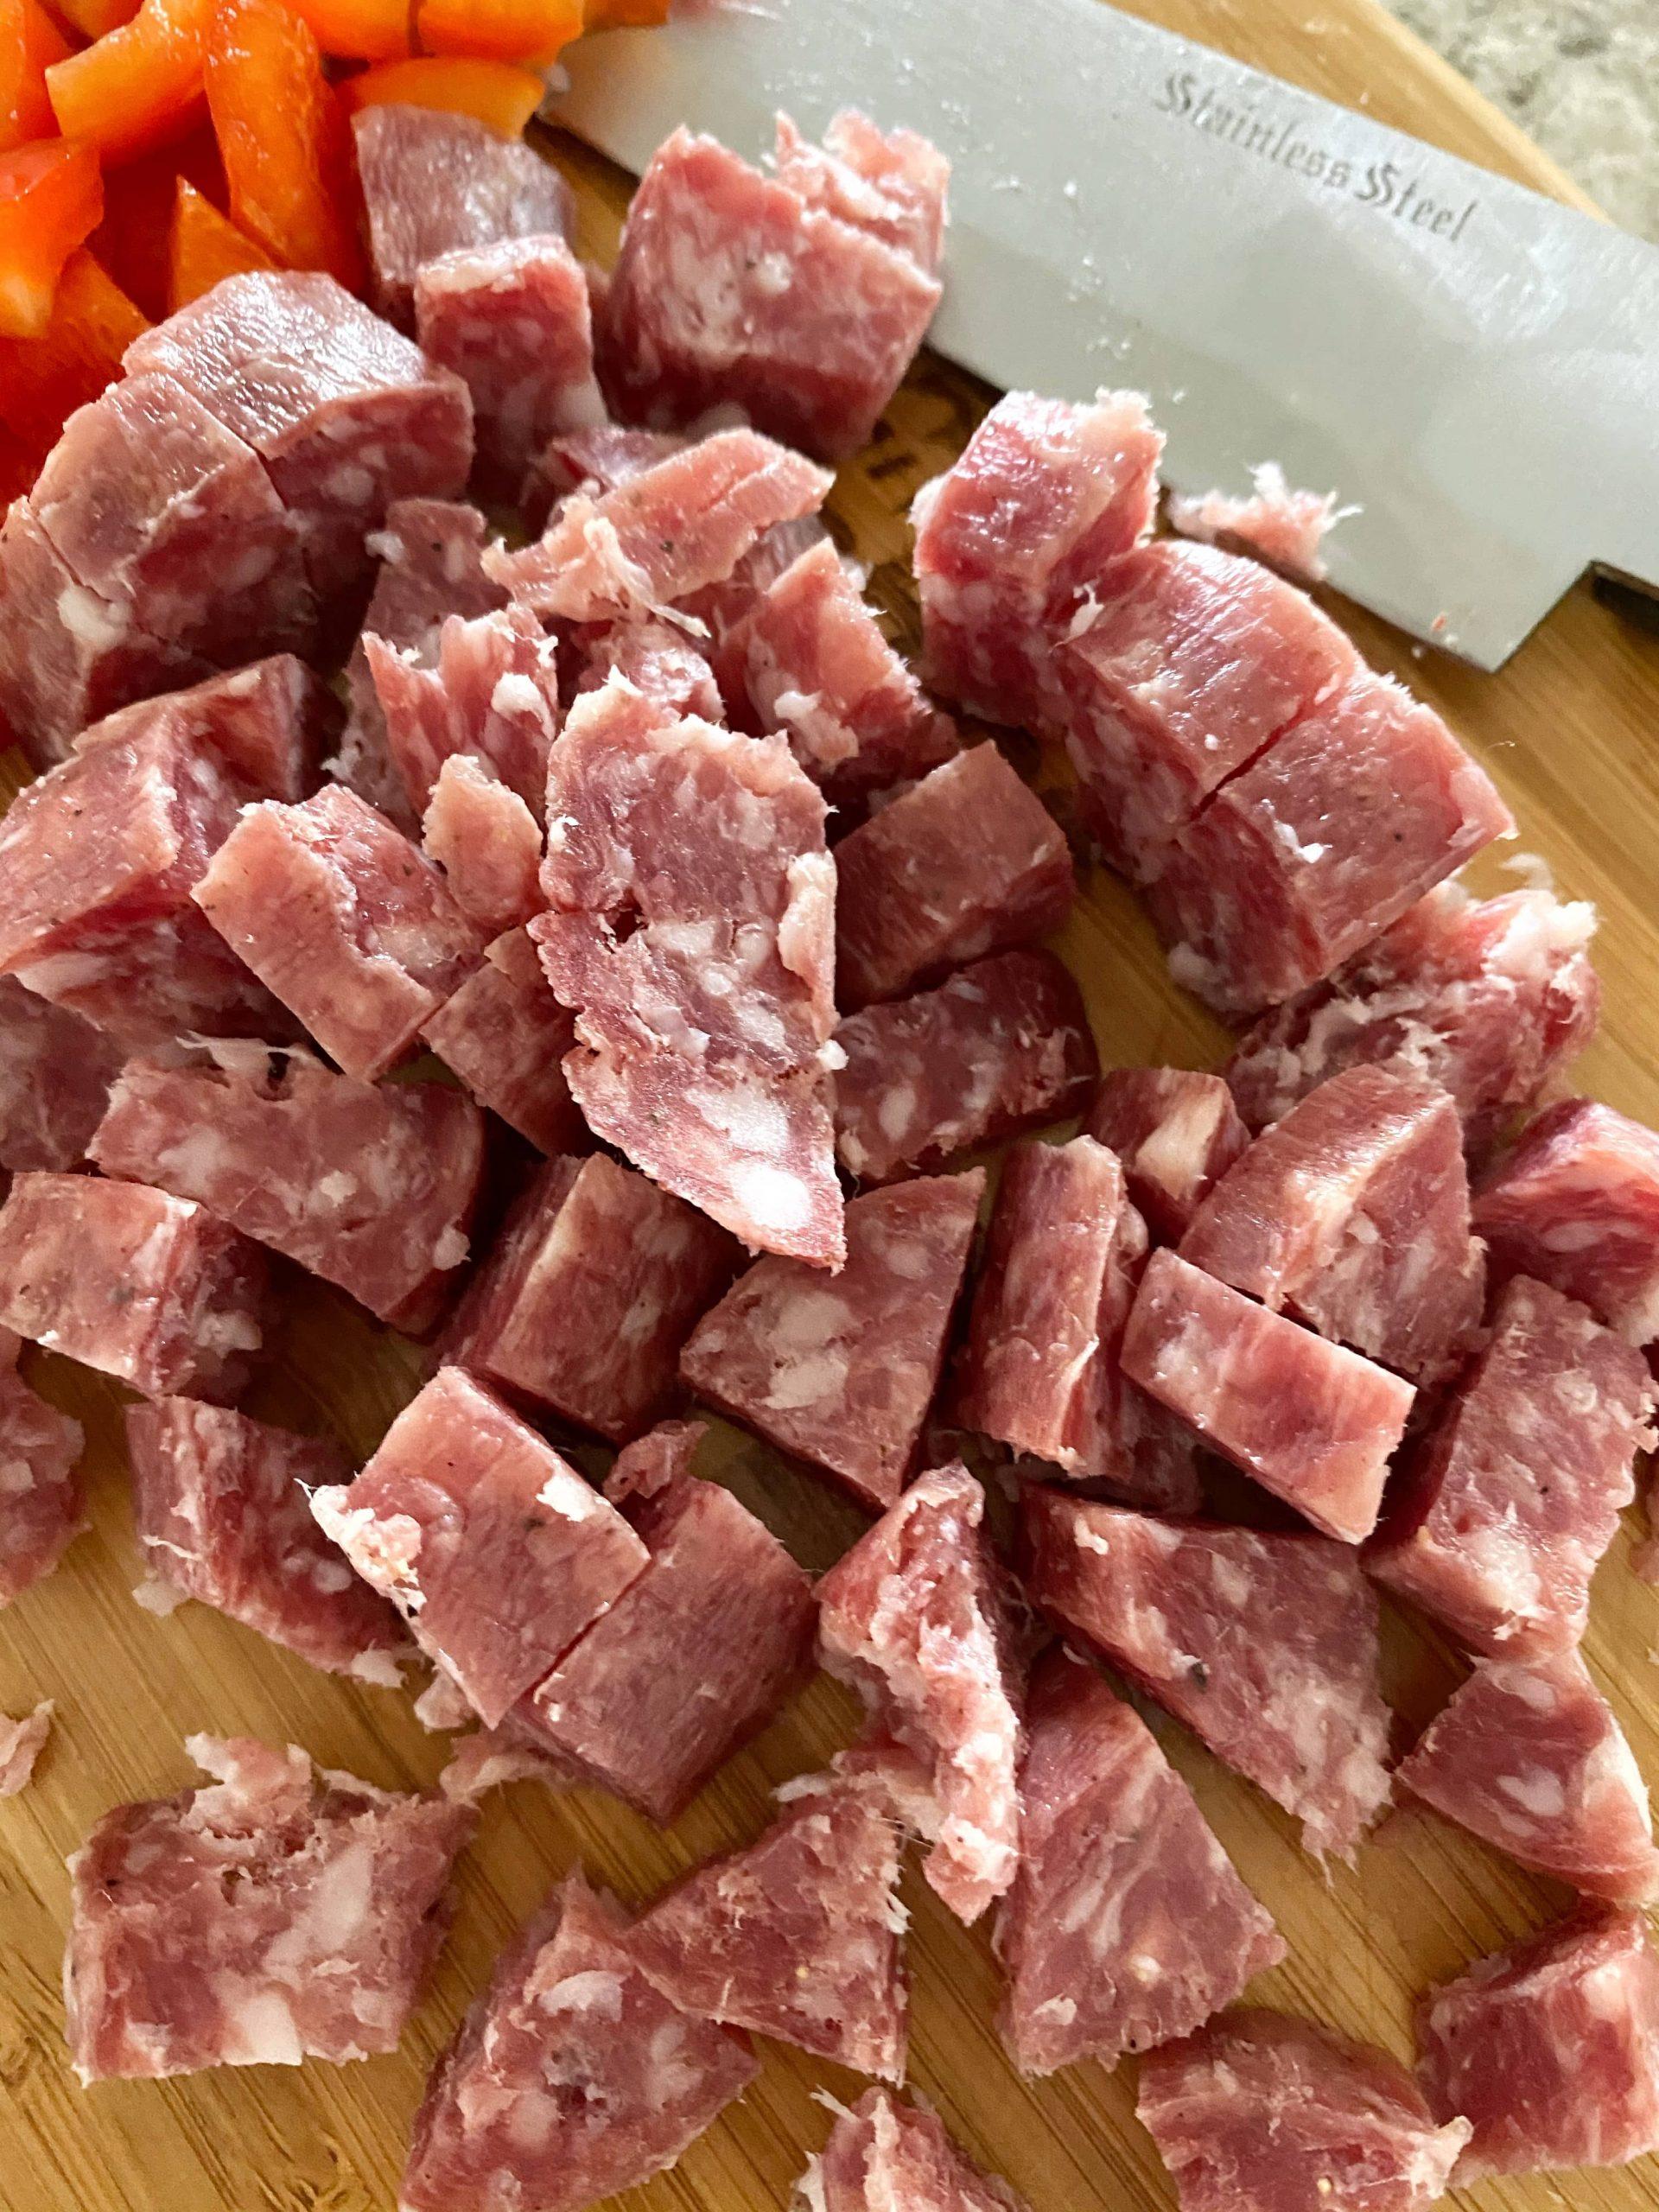 diced up salami